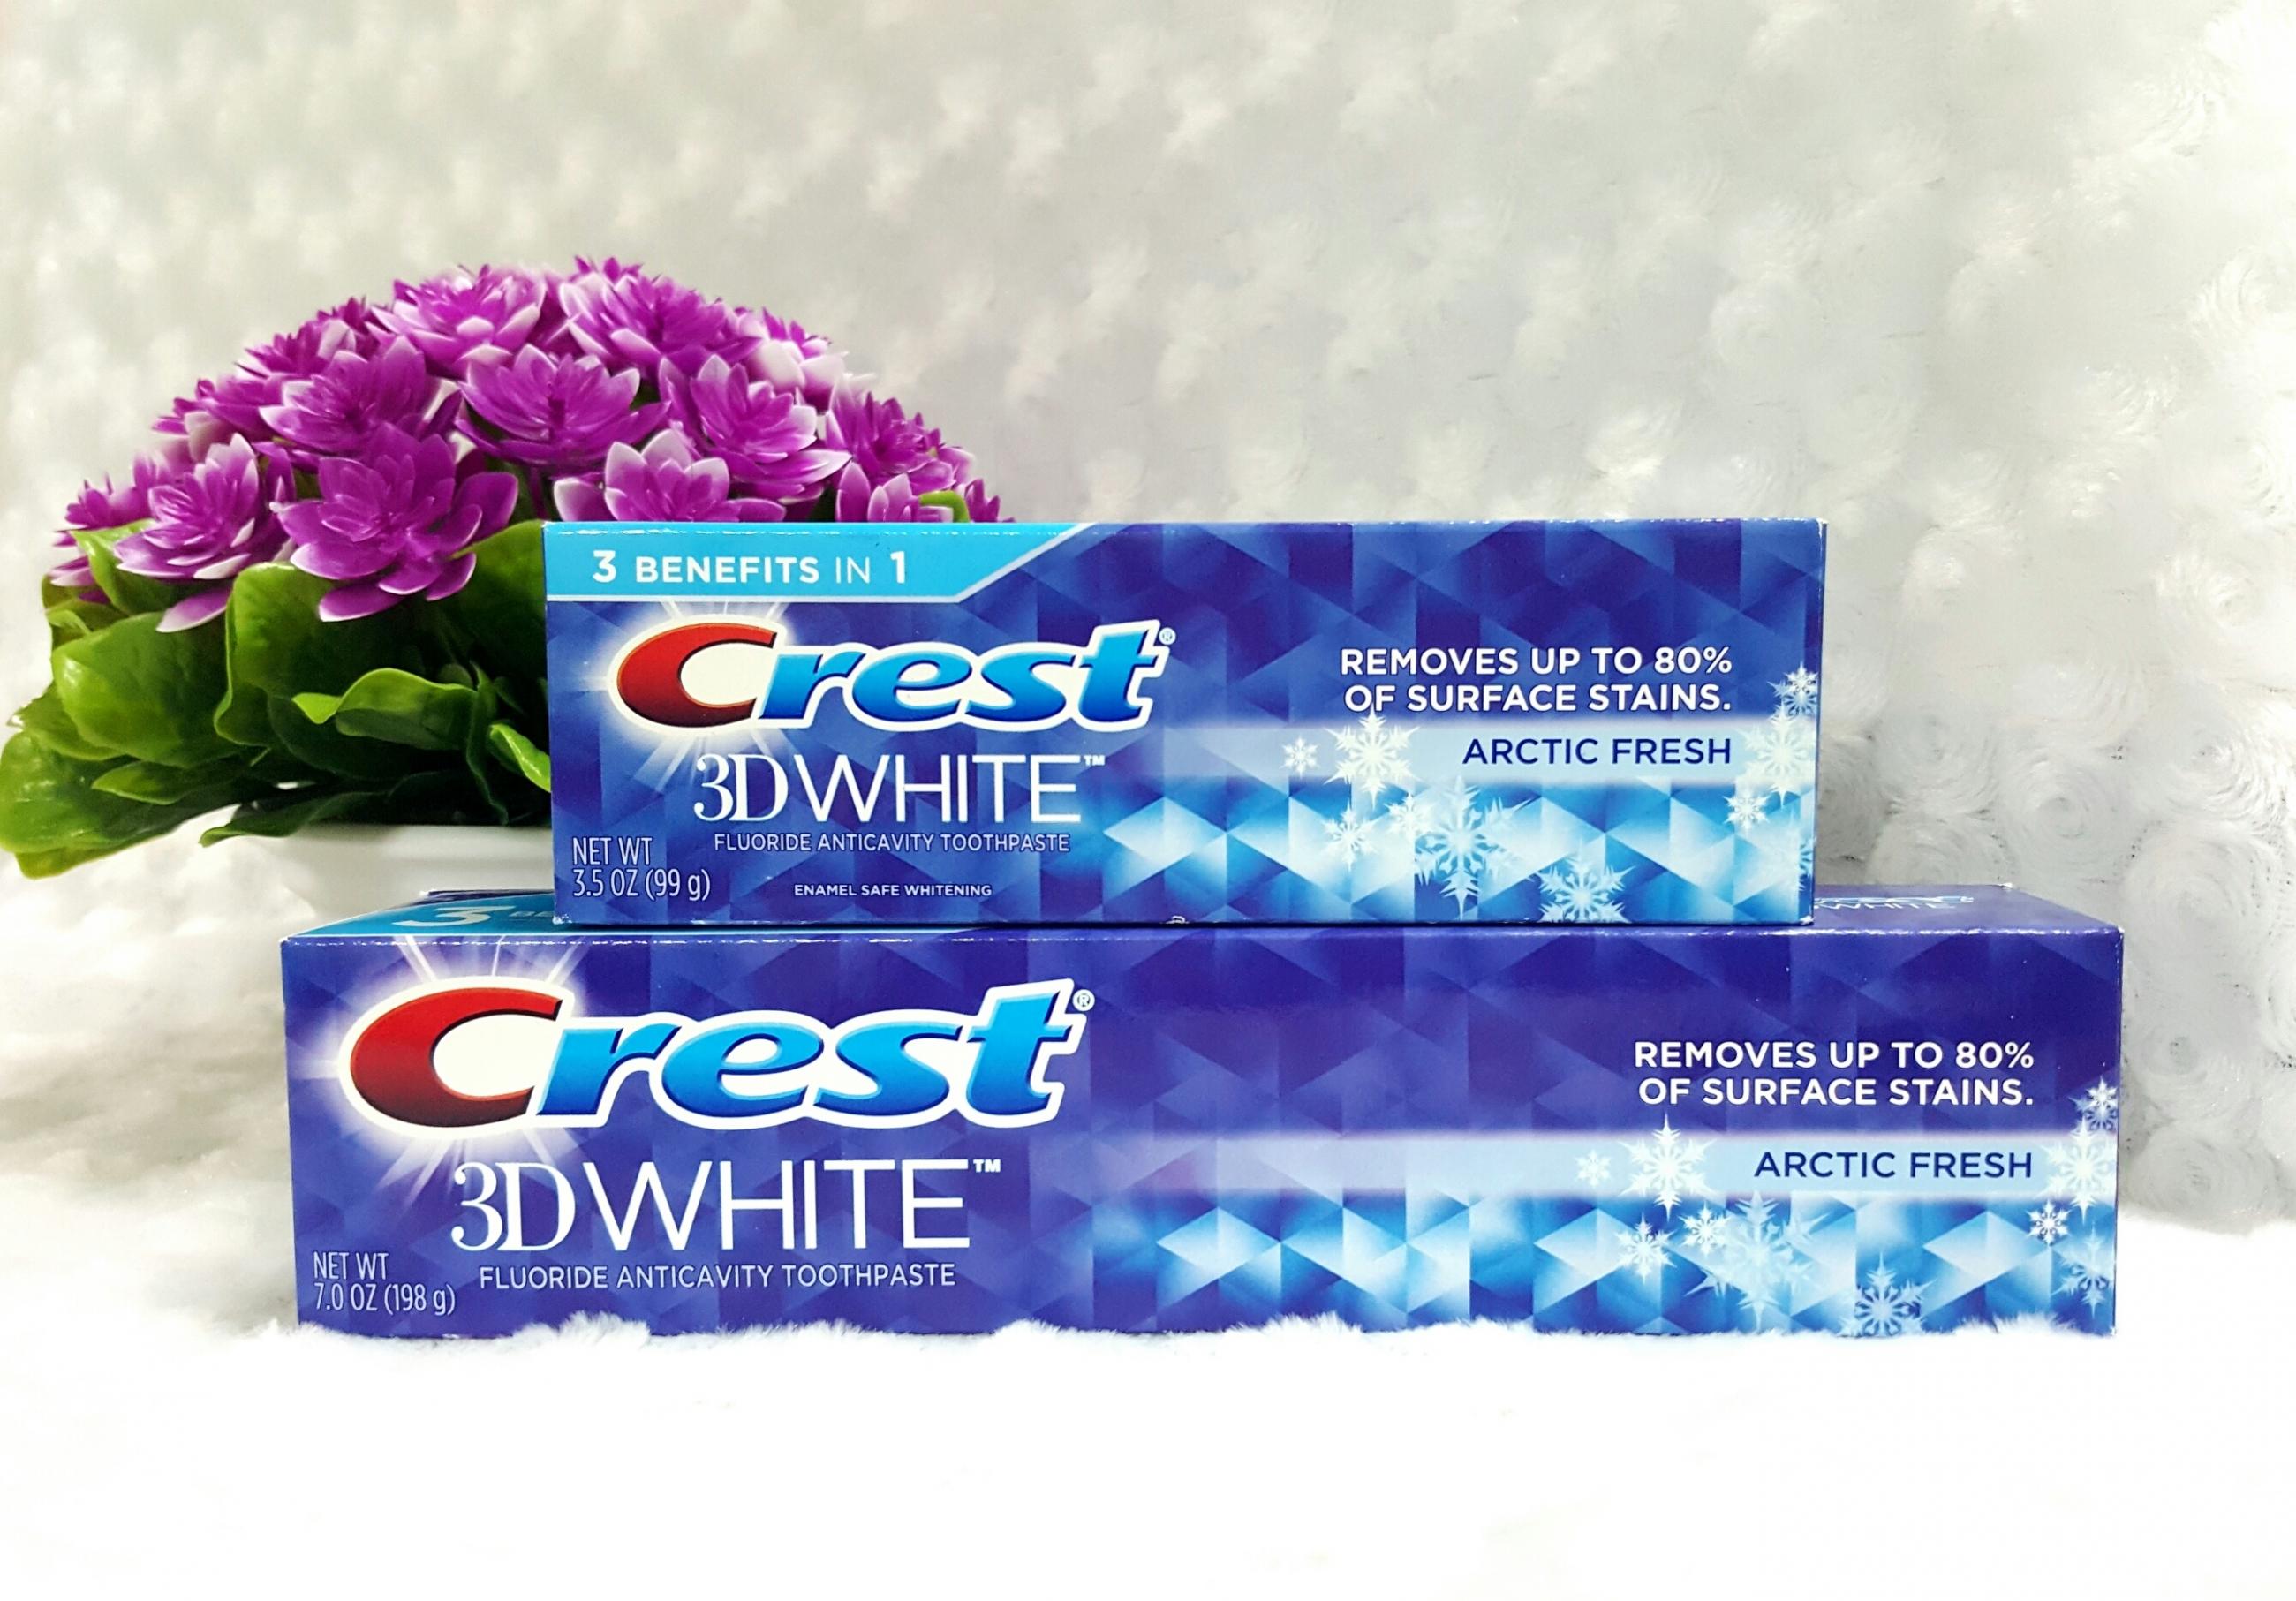 Đánh giá sản phẩm kem đánh răng Crest 3D White